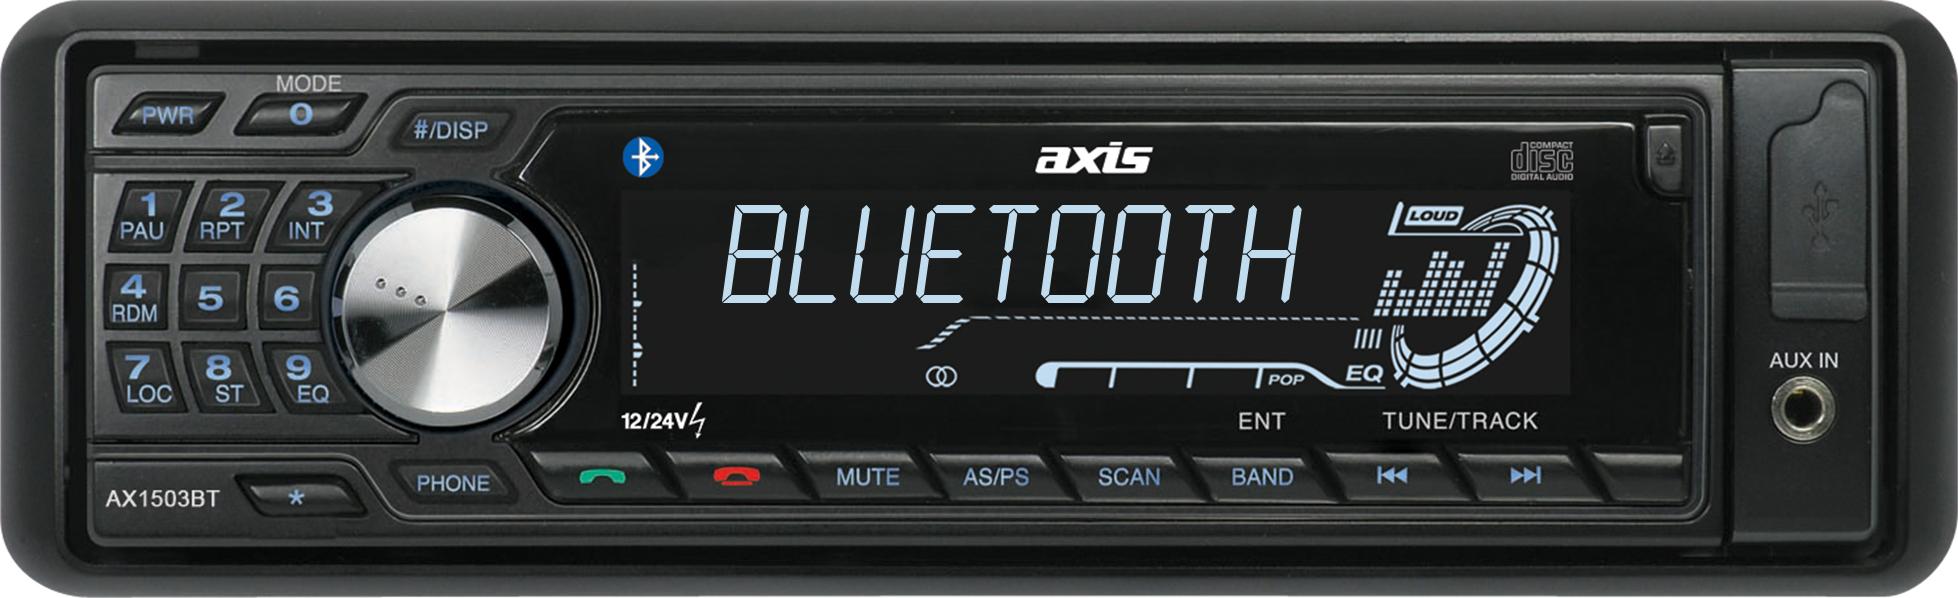 AX1503BT FINAL